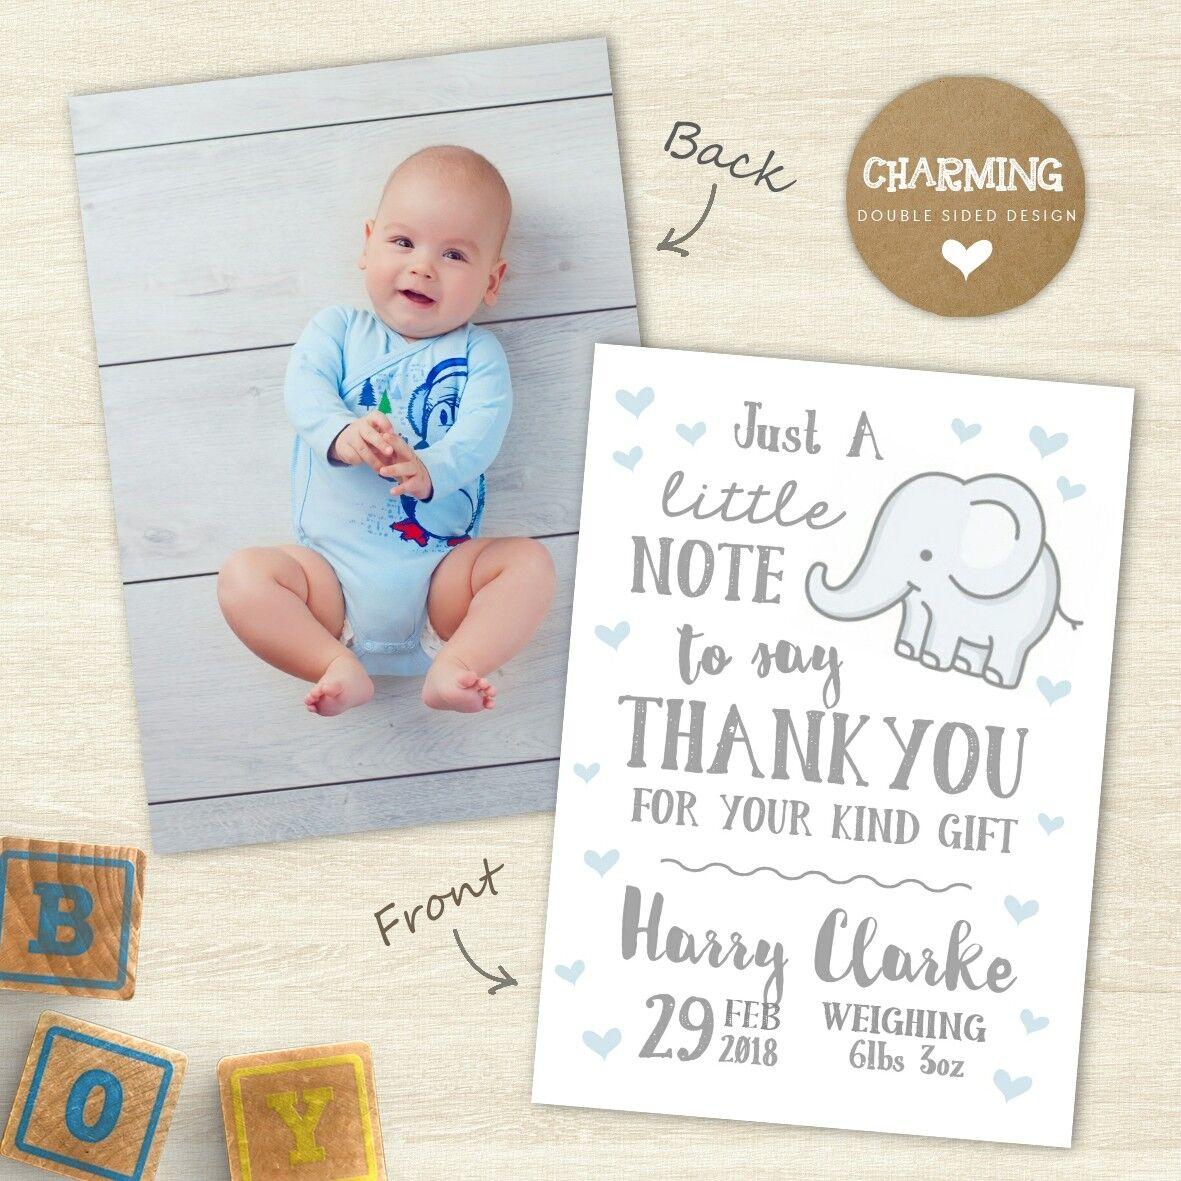 Nouveau THANK Bébé RemercieHommes t, imprimé recto verso, Bébé Garçon/Fille THANK Nouveau YOU Cartes ad7f6d